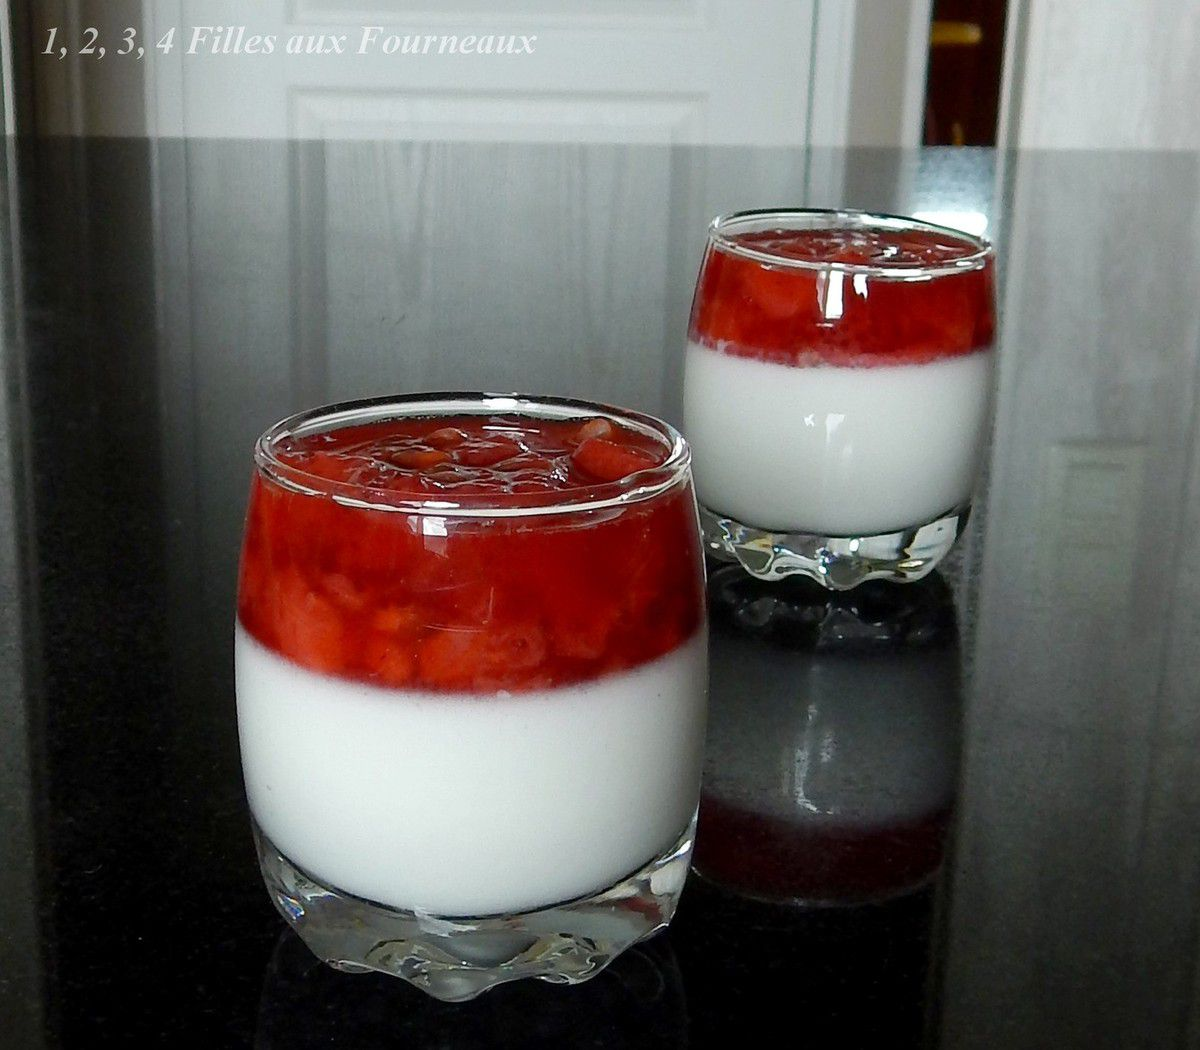 Panna cotta fraise passion noix de coco 1 2 3 4 filles aux fourneaux - Panna cotta noix de coco ...